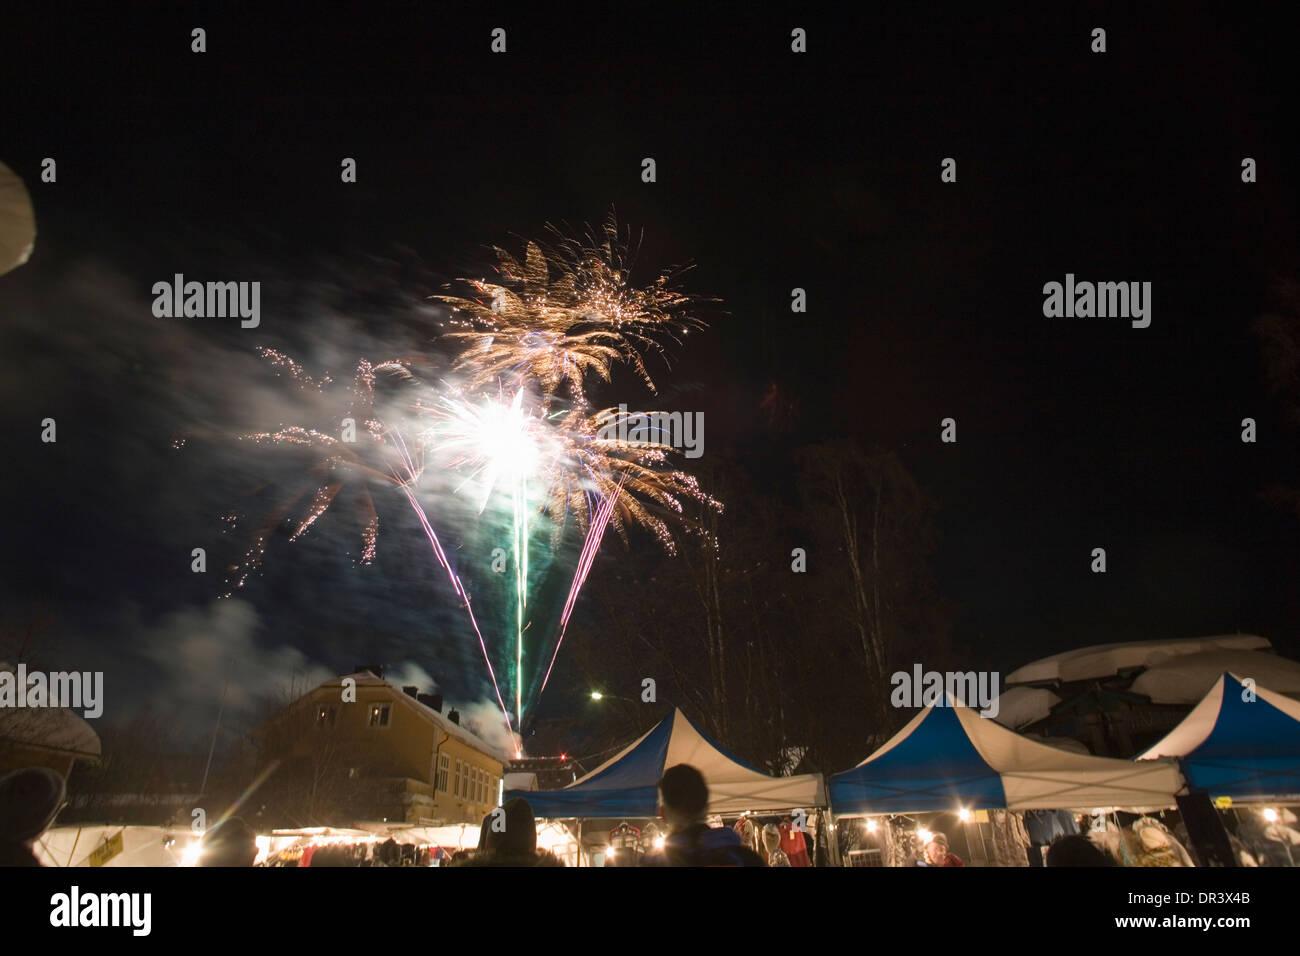 Fireworks Market street Jokkmokk fair Laponia Sweden Winter - Stock Image